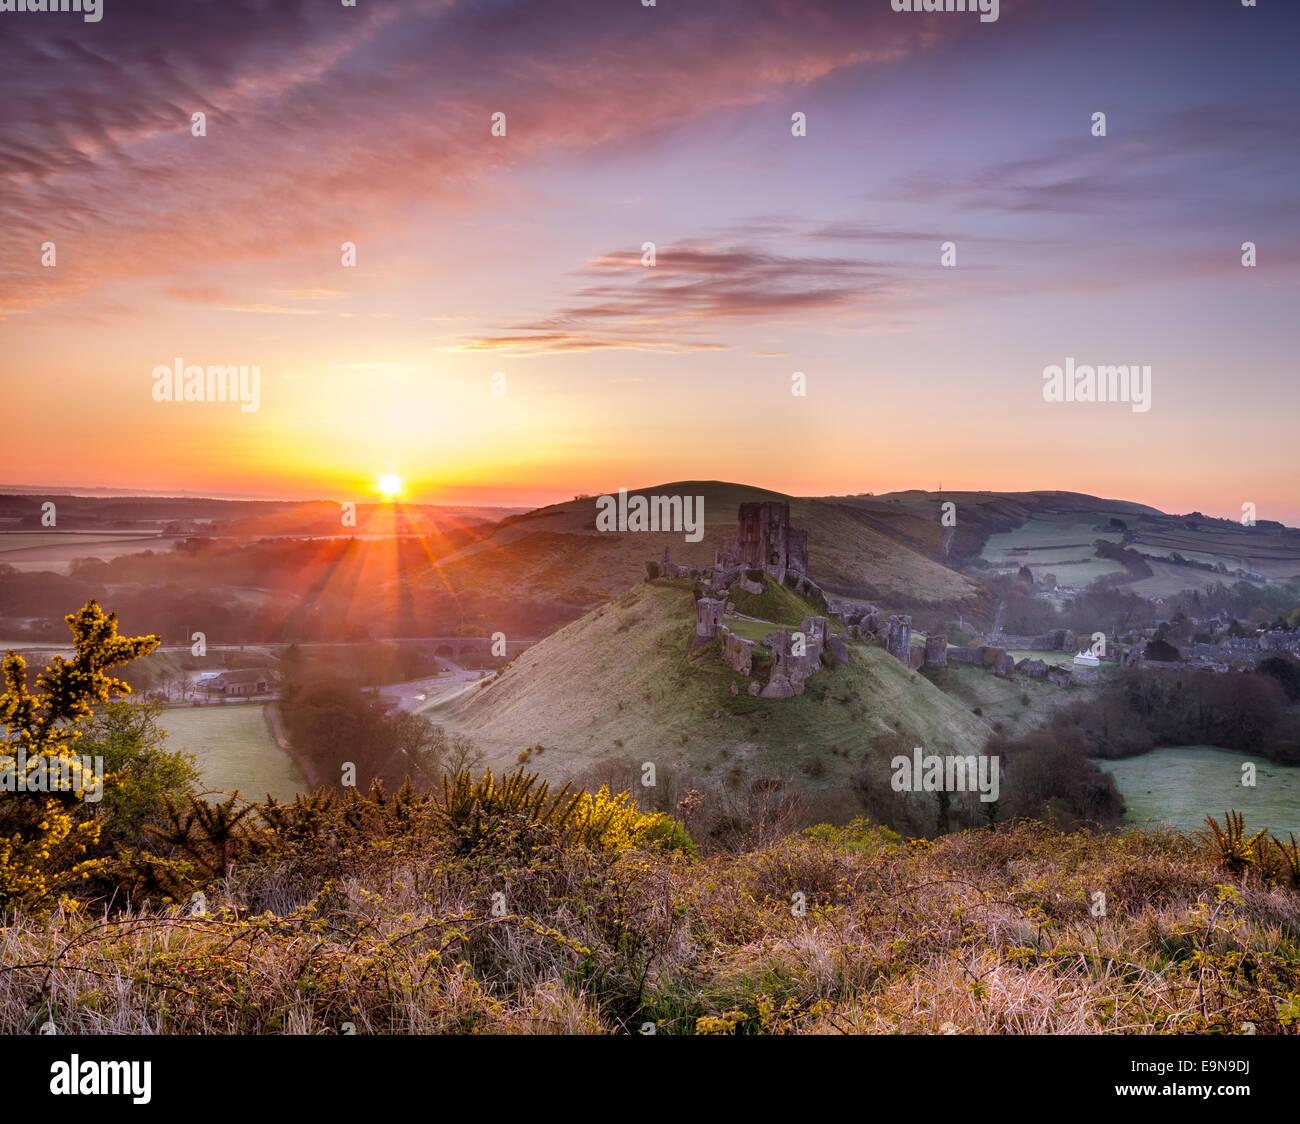 Beau lever de soleil sur un château féerique Photo Stock